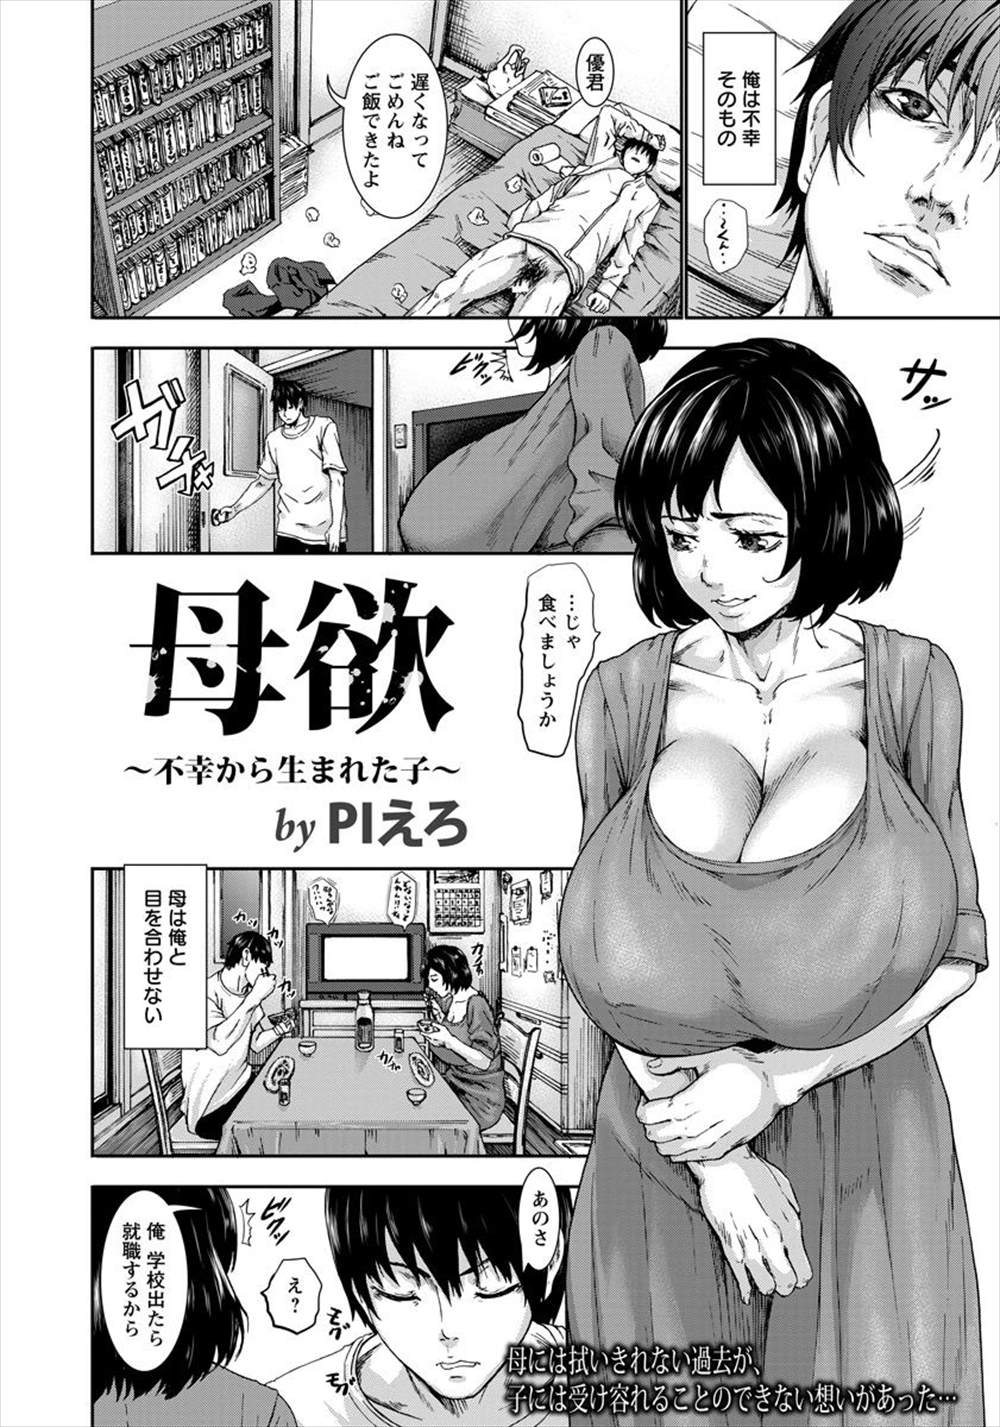 【エロ漫画】強姦されて生まれた男が母親と近親相姦してしまう…